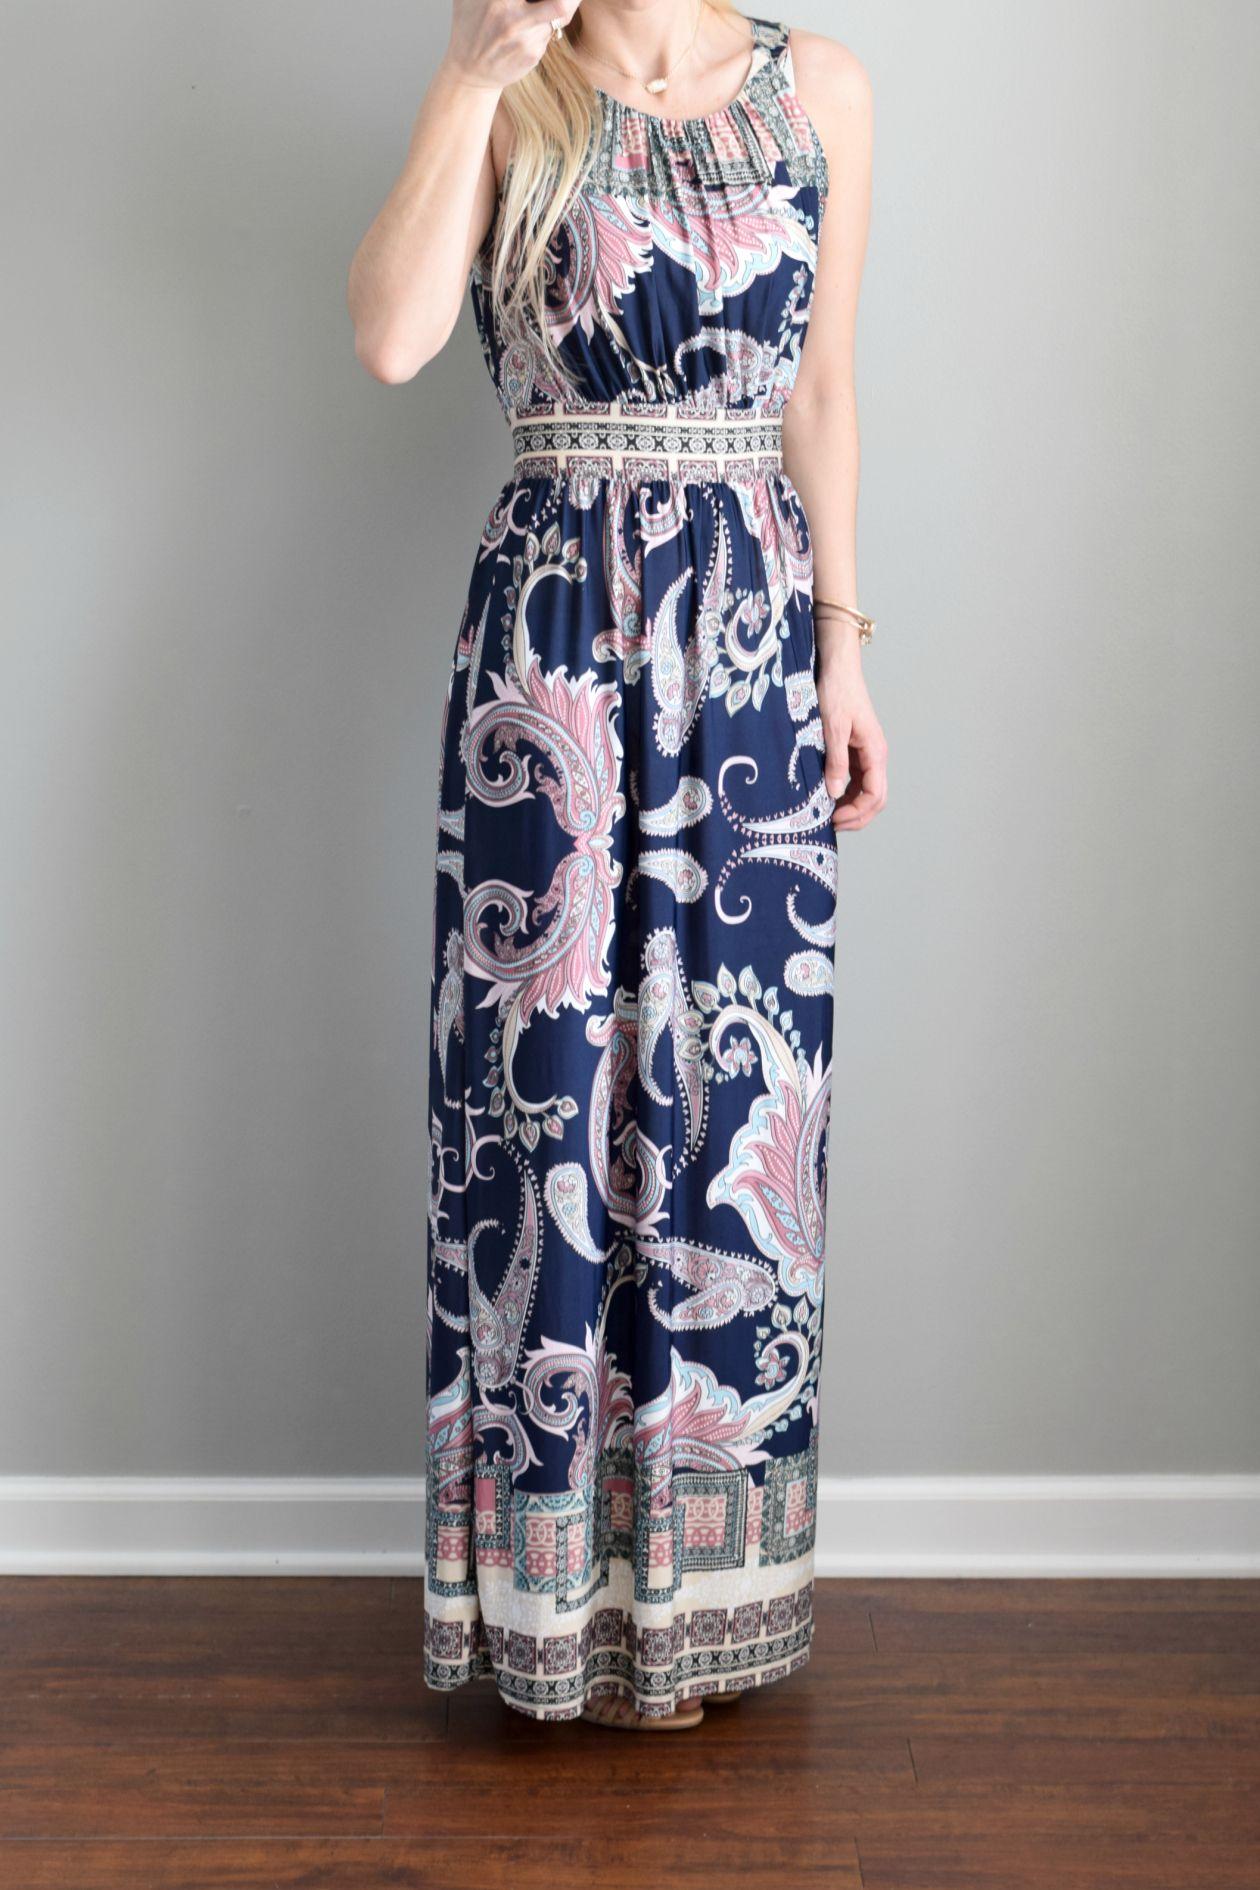 b8eb131df7 March 2016 Stitch Fix Review  Gilli Kodi Jersey Maxi Dress